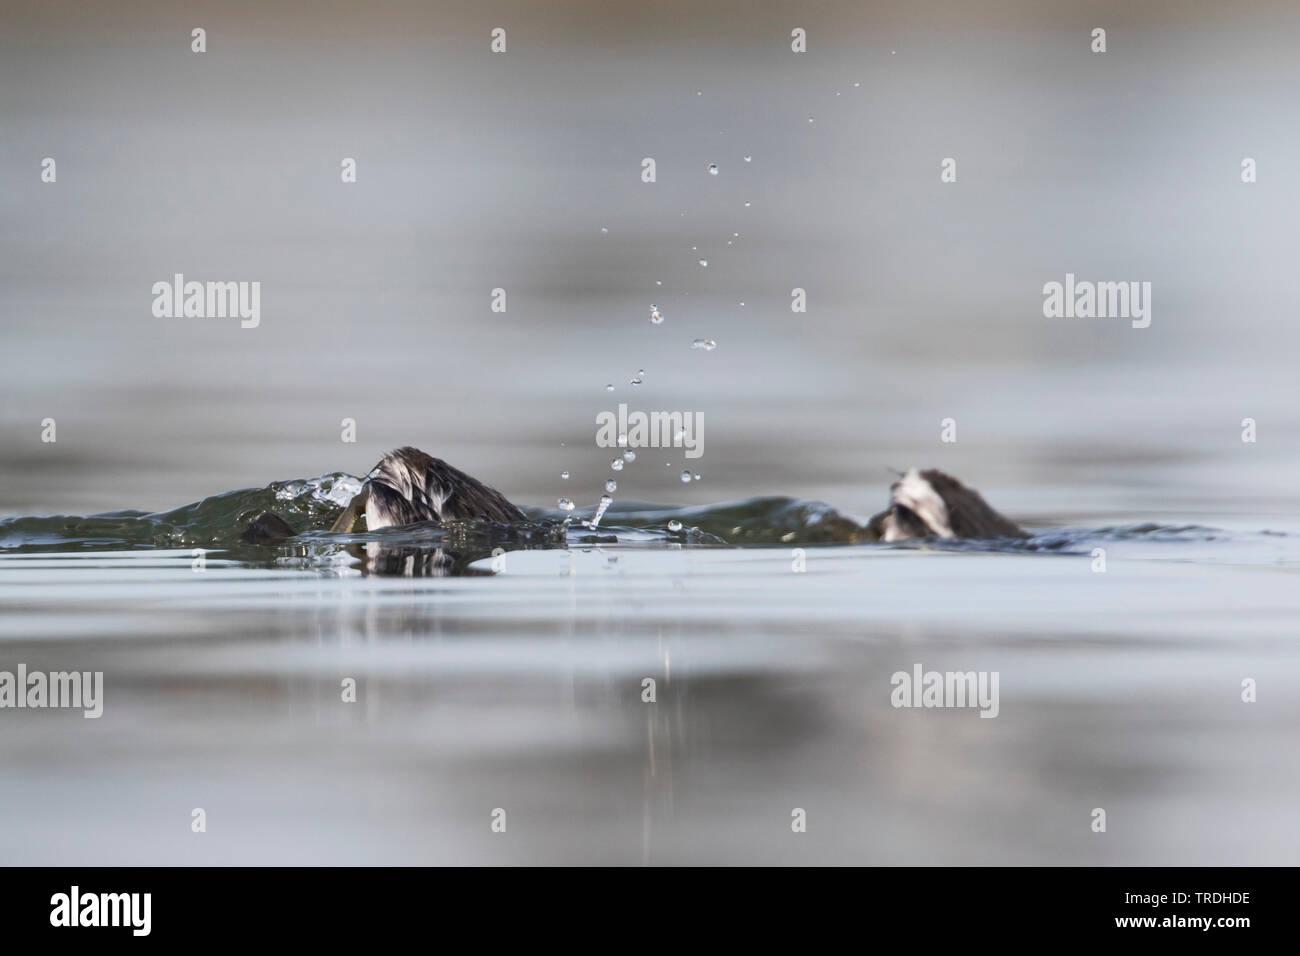 Schwarzhalstaucher, Schwarzhals-Taucher (Podiceps nigricollis), Altvoegel auf dem Wasser, tauchen ab, Deutschland | black-necked grebe (Podiceps nigri - Stock Image